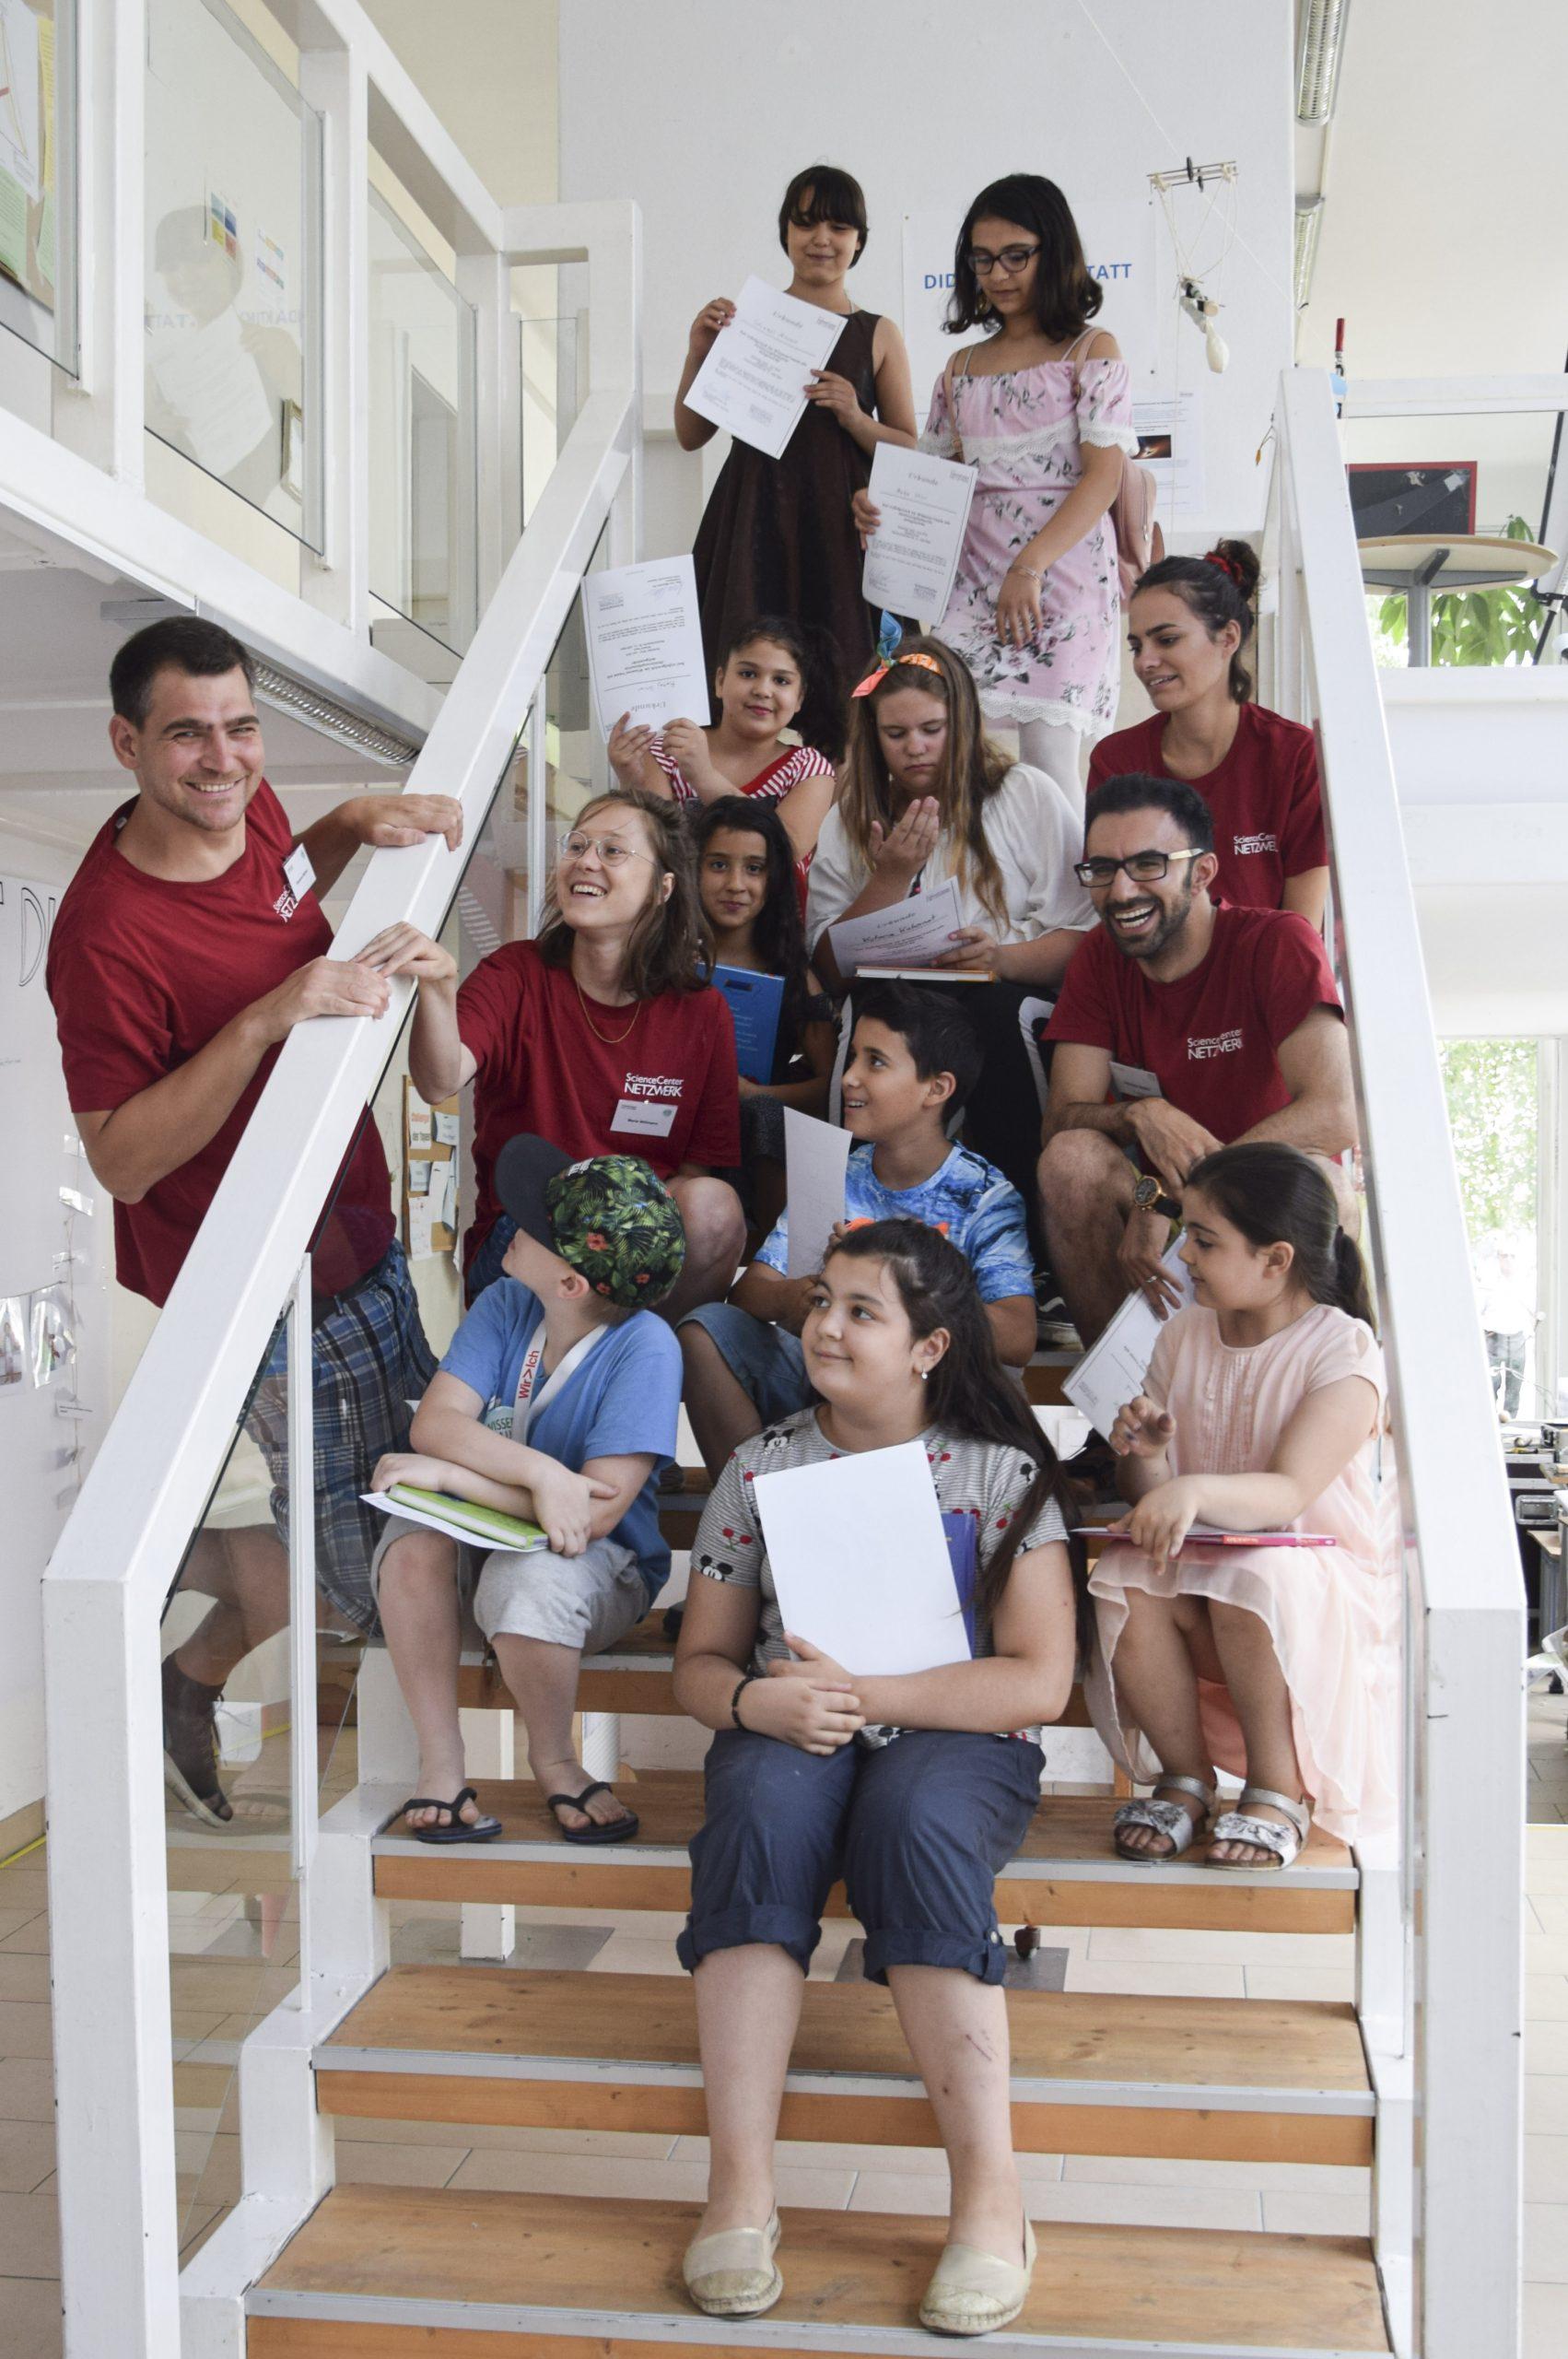 Ein Gruppenfoto auf der Stiege mit Betreuer und Kinder